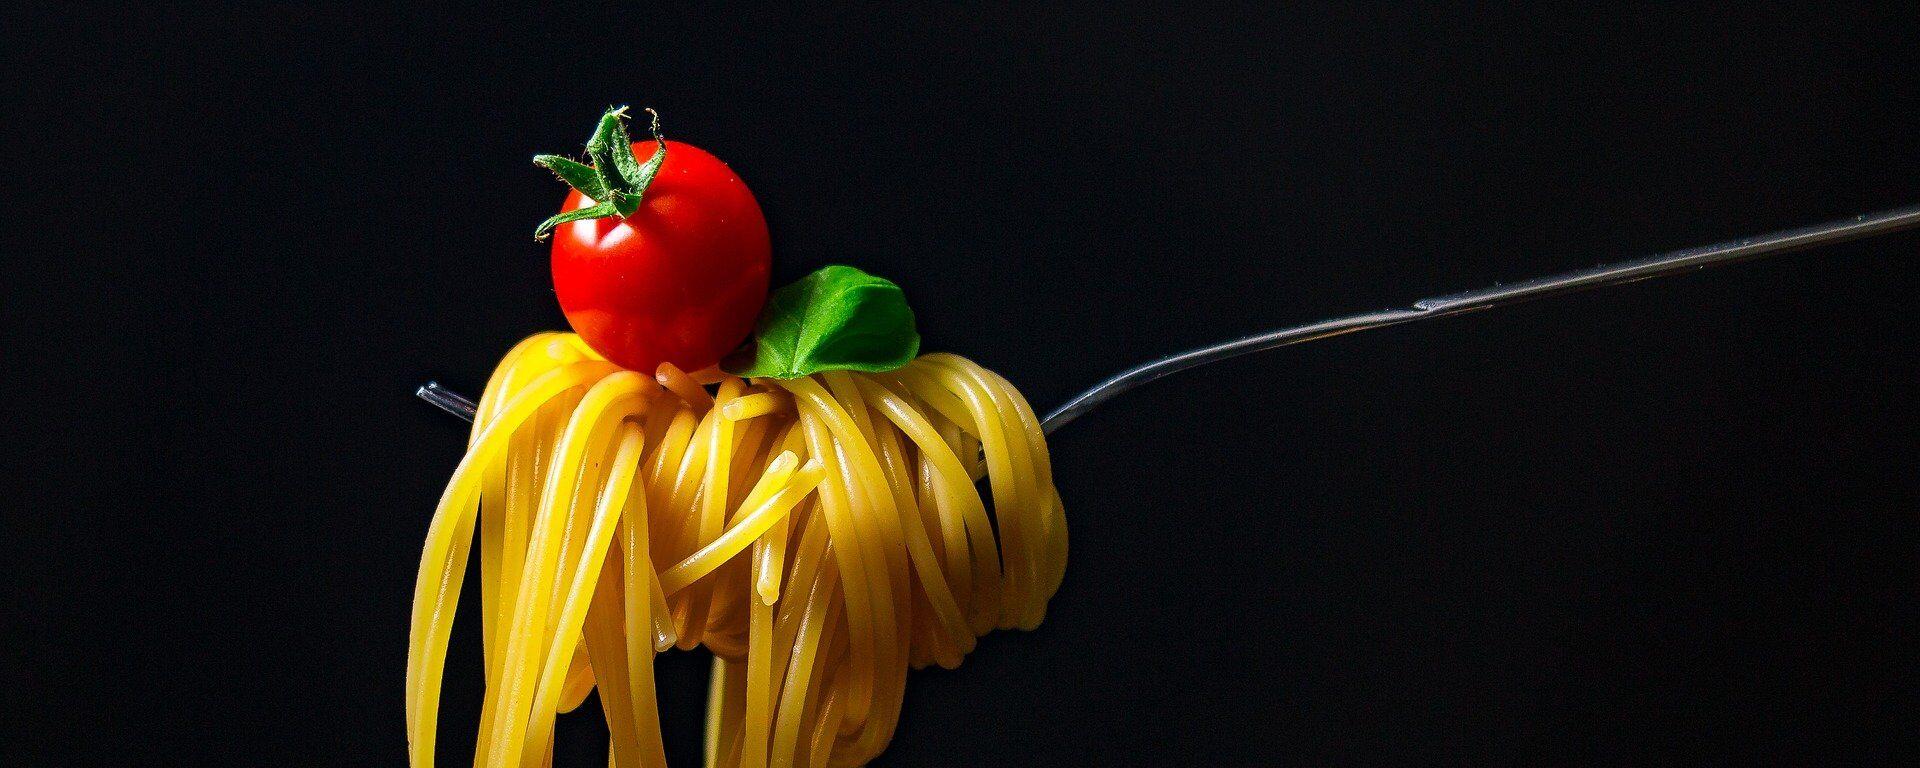 Pasta (Symbolbild) - Sputnik Italia, 1920, 04.03.2021